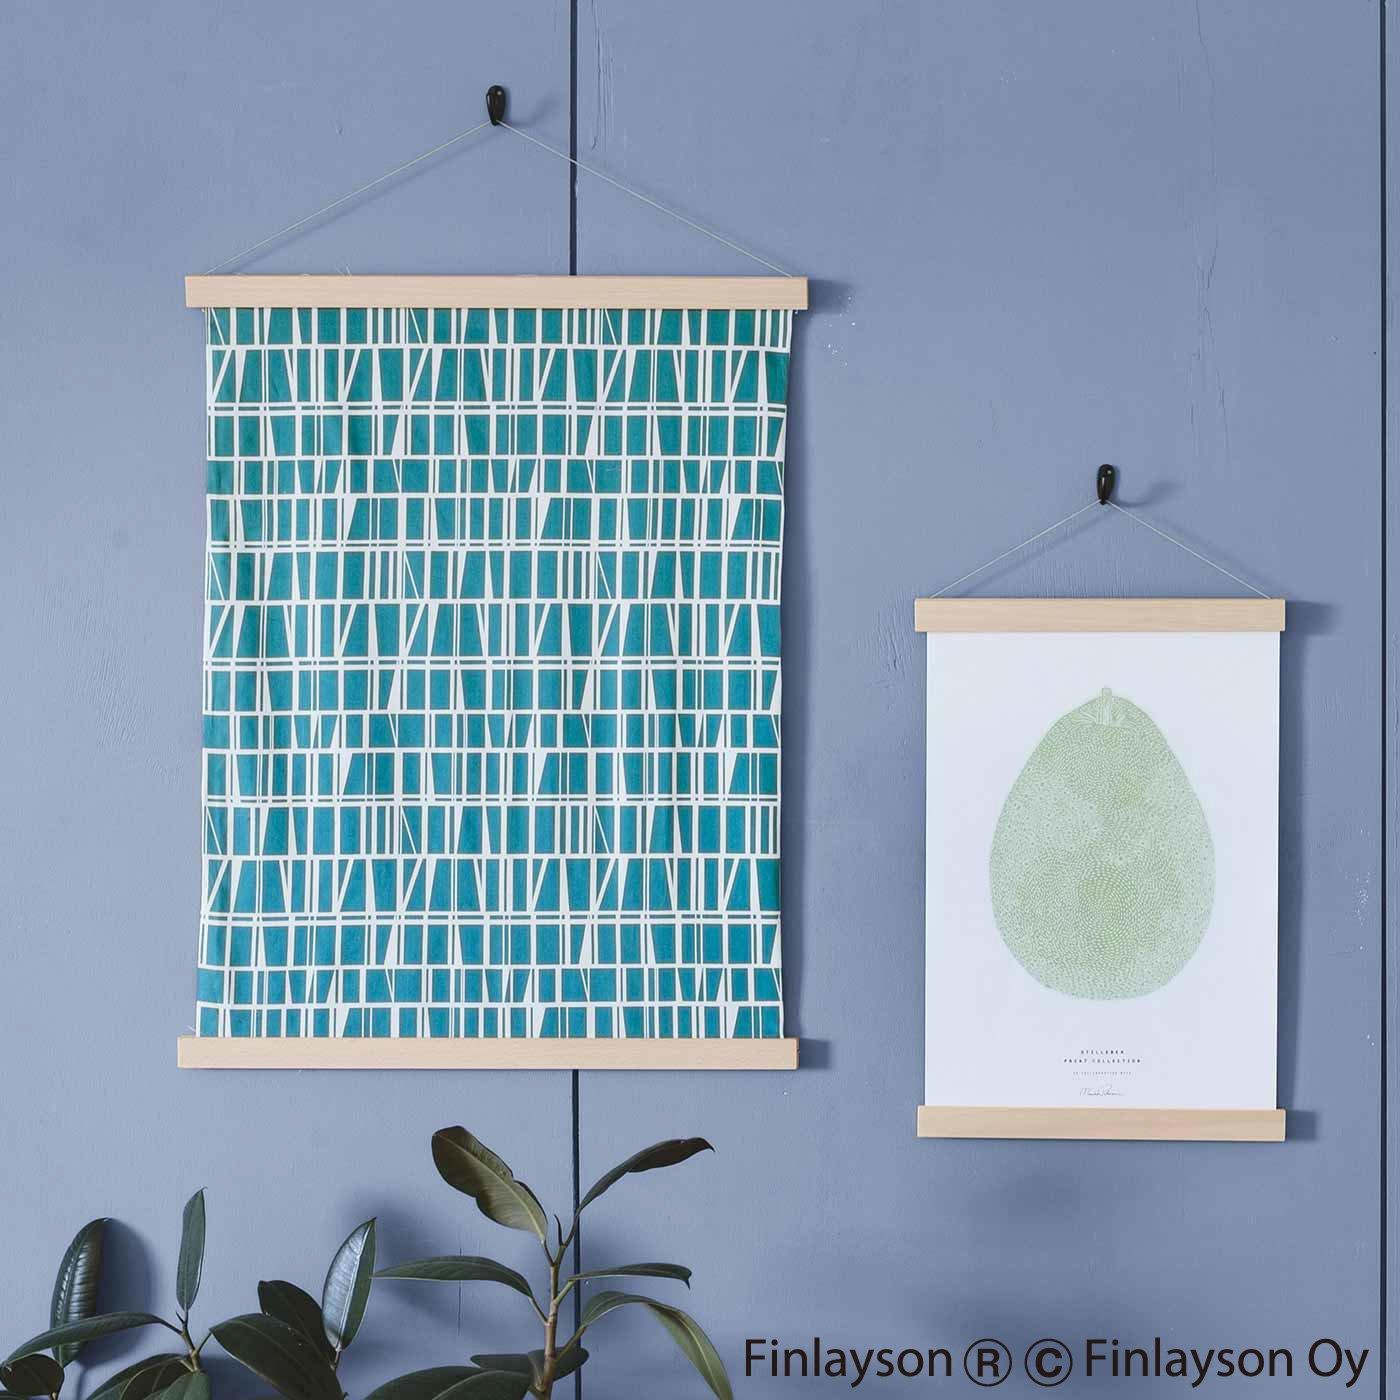 ポスターや絵を素敵に縁(ふち)取る 家具職人が作ったポスターハンガー〈L〉